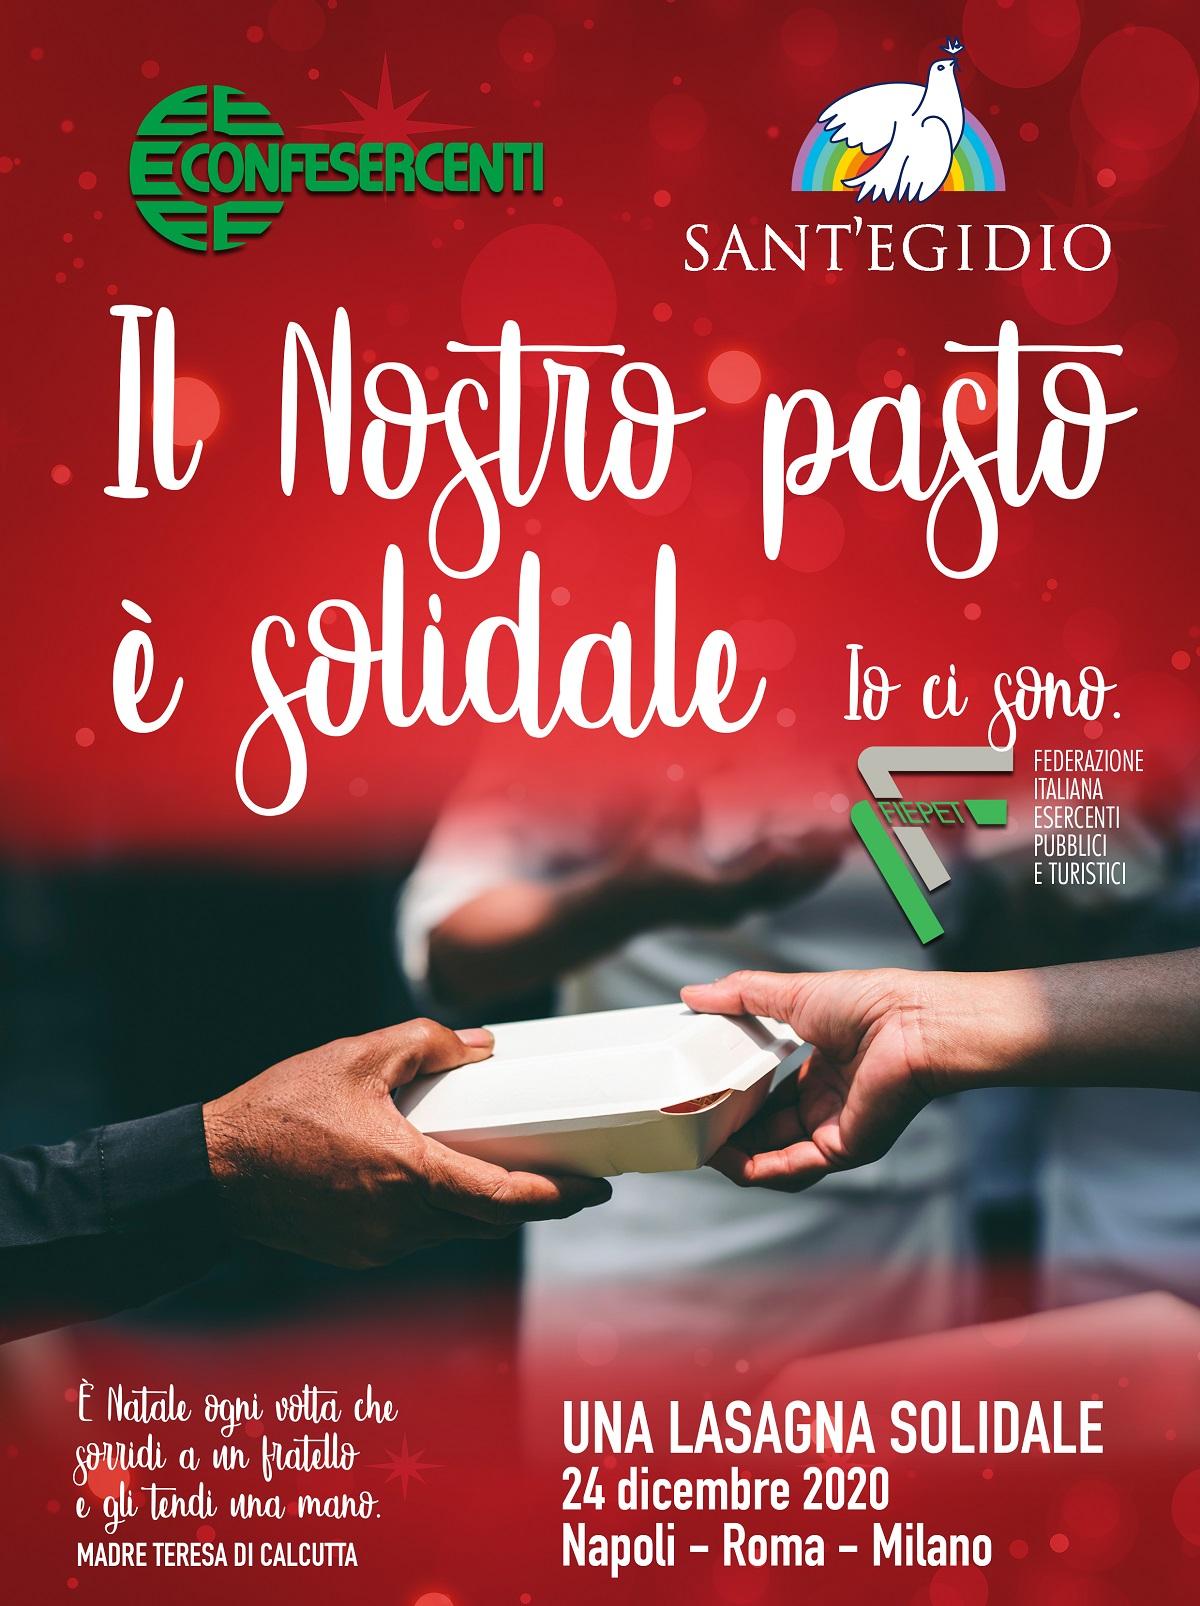 Solidarietà: Confesercenti e Fiepet donano 6500 pasti caldi a Sant'Egidio a Napoli, Roma e Milano